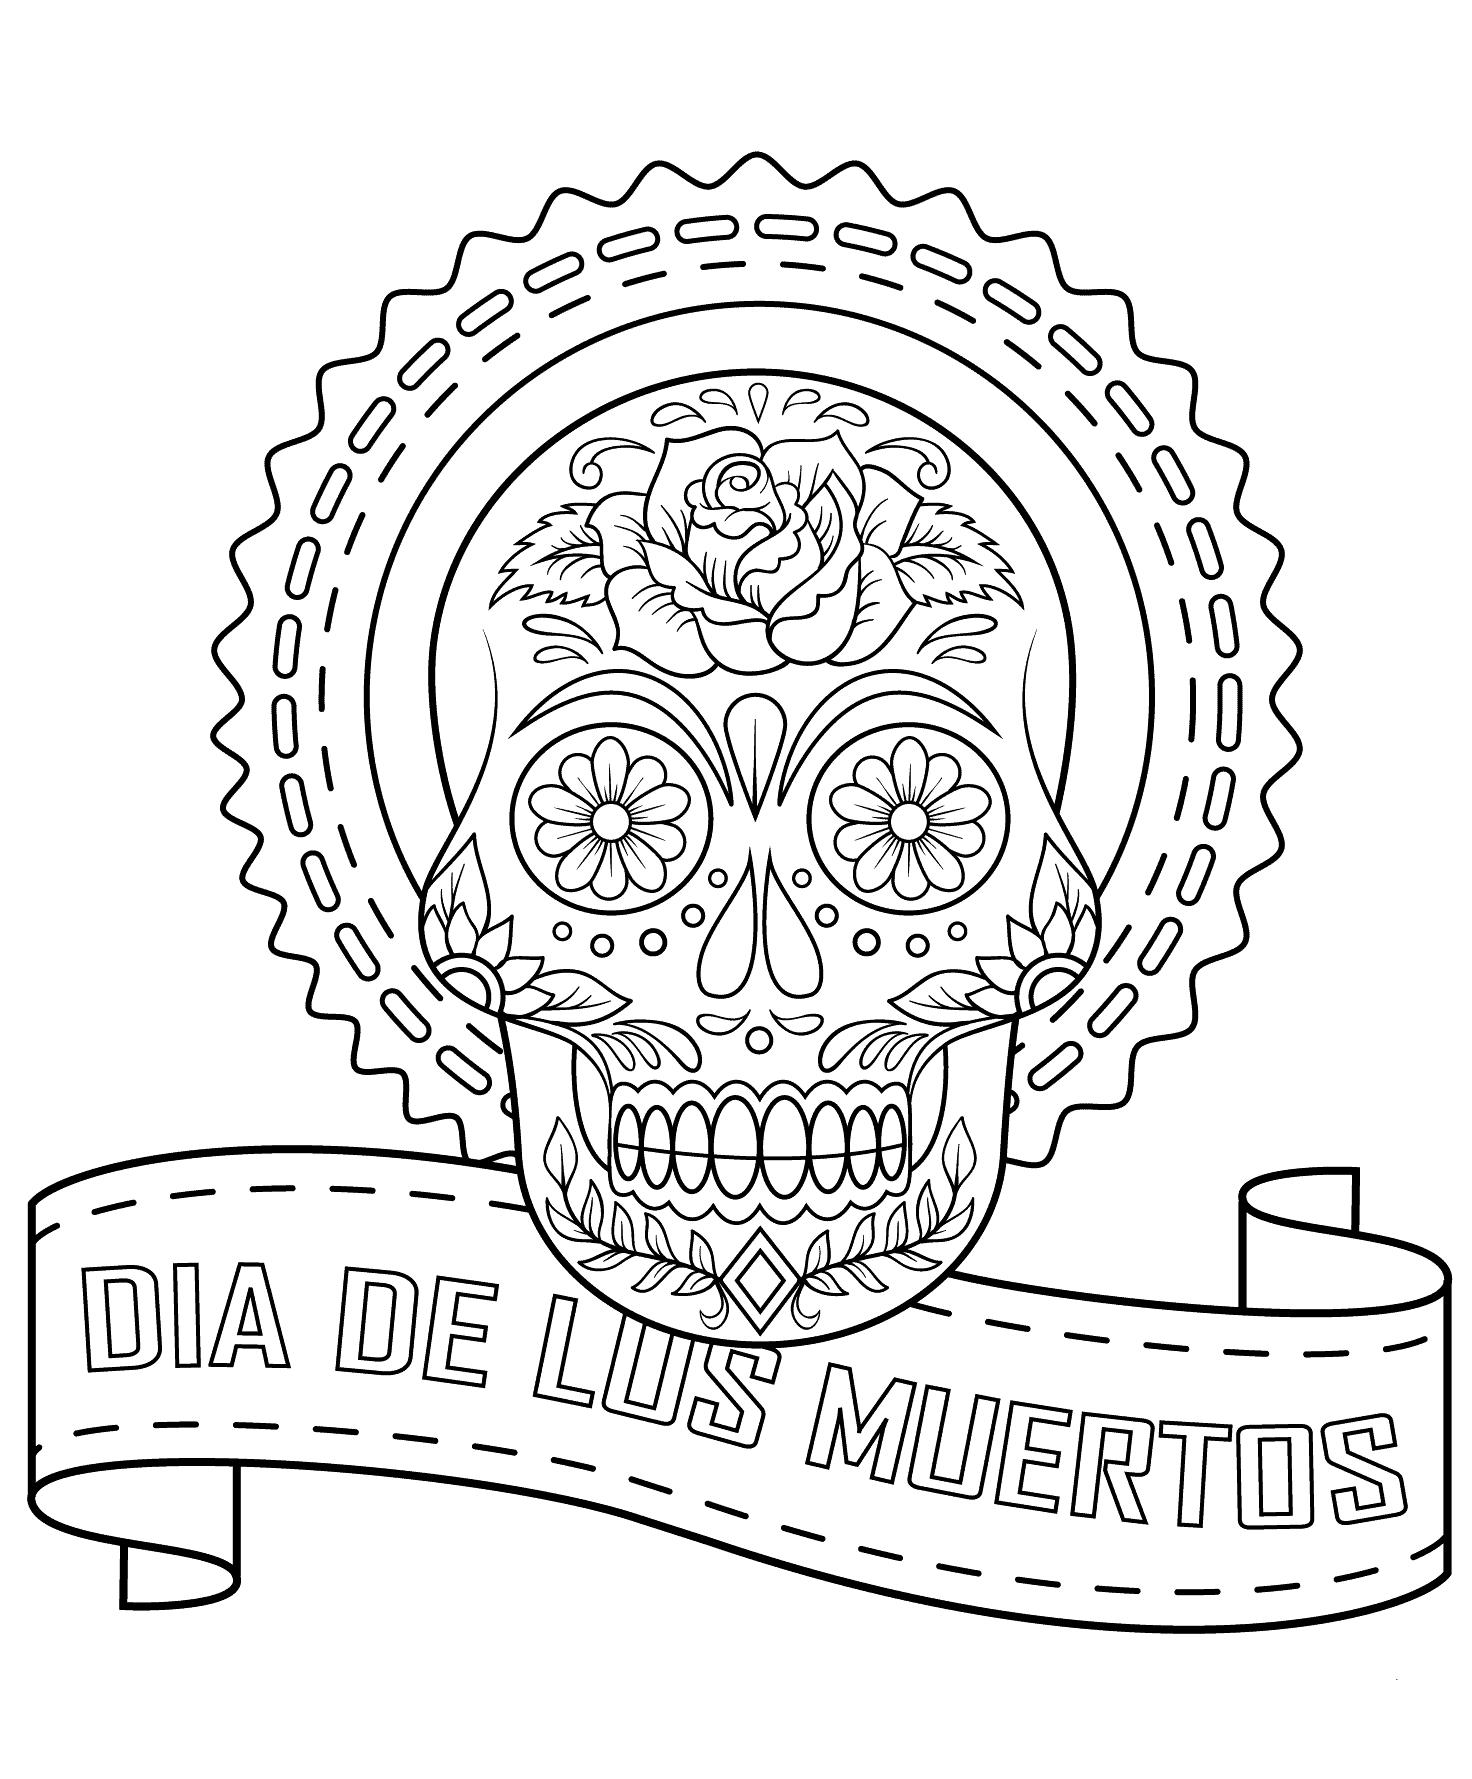 dia de los muertos printable coloring pages 30 free printable sugar skull coloring pages pages muertos de printable los coloring dia